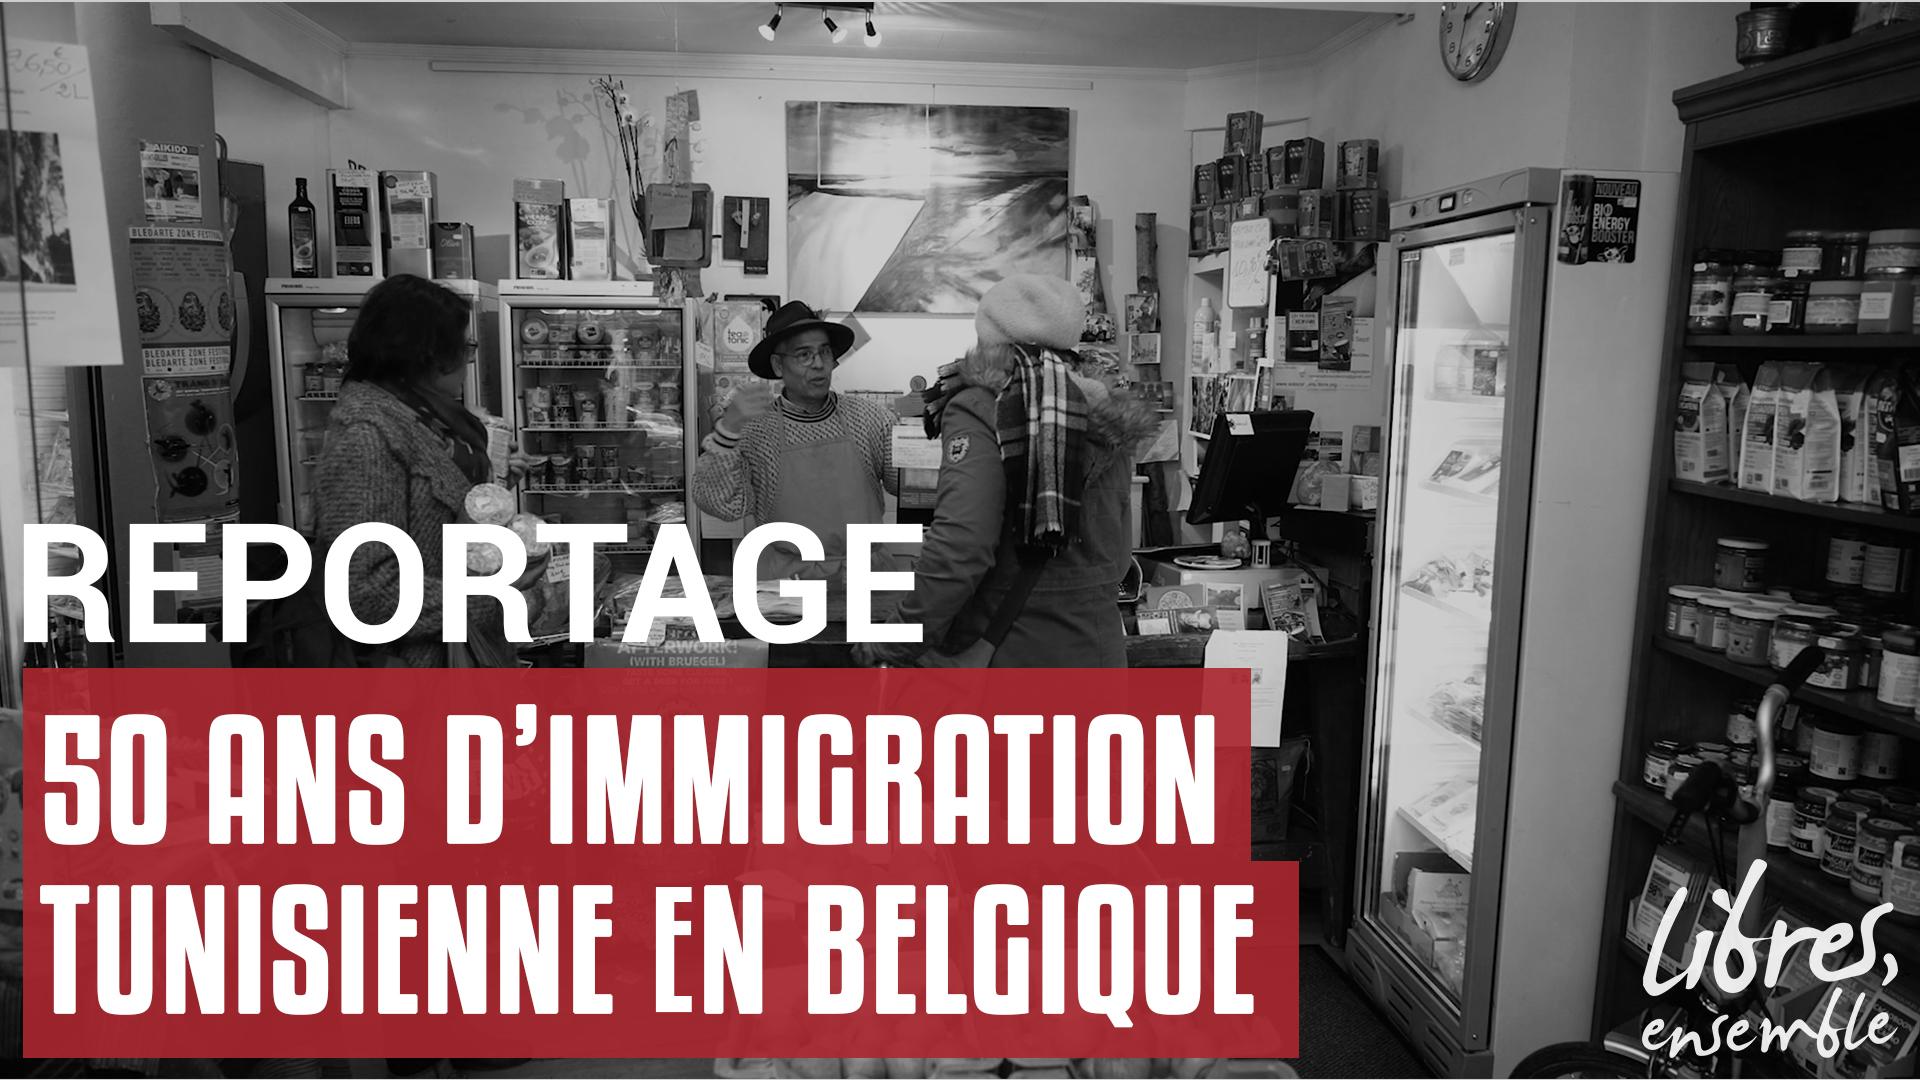 50 ans d'immigration tunisienne en Belgique